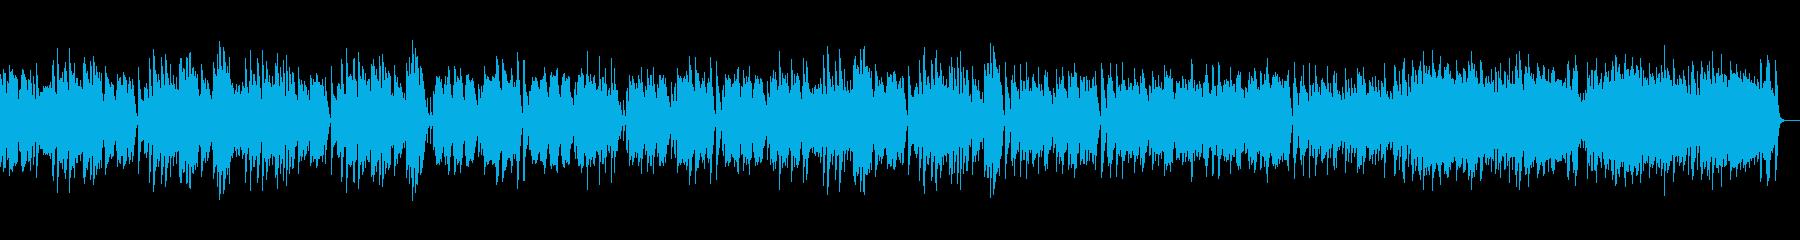 エリート・シンコペーションズ_オルゴールの再生済みの波形